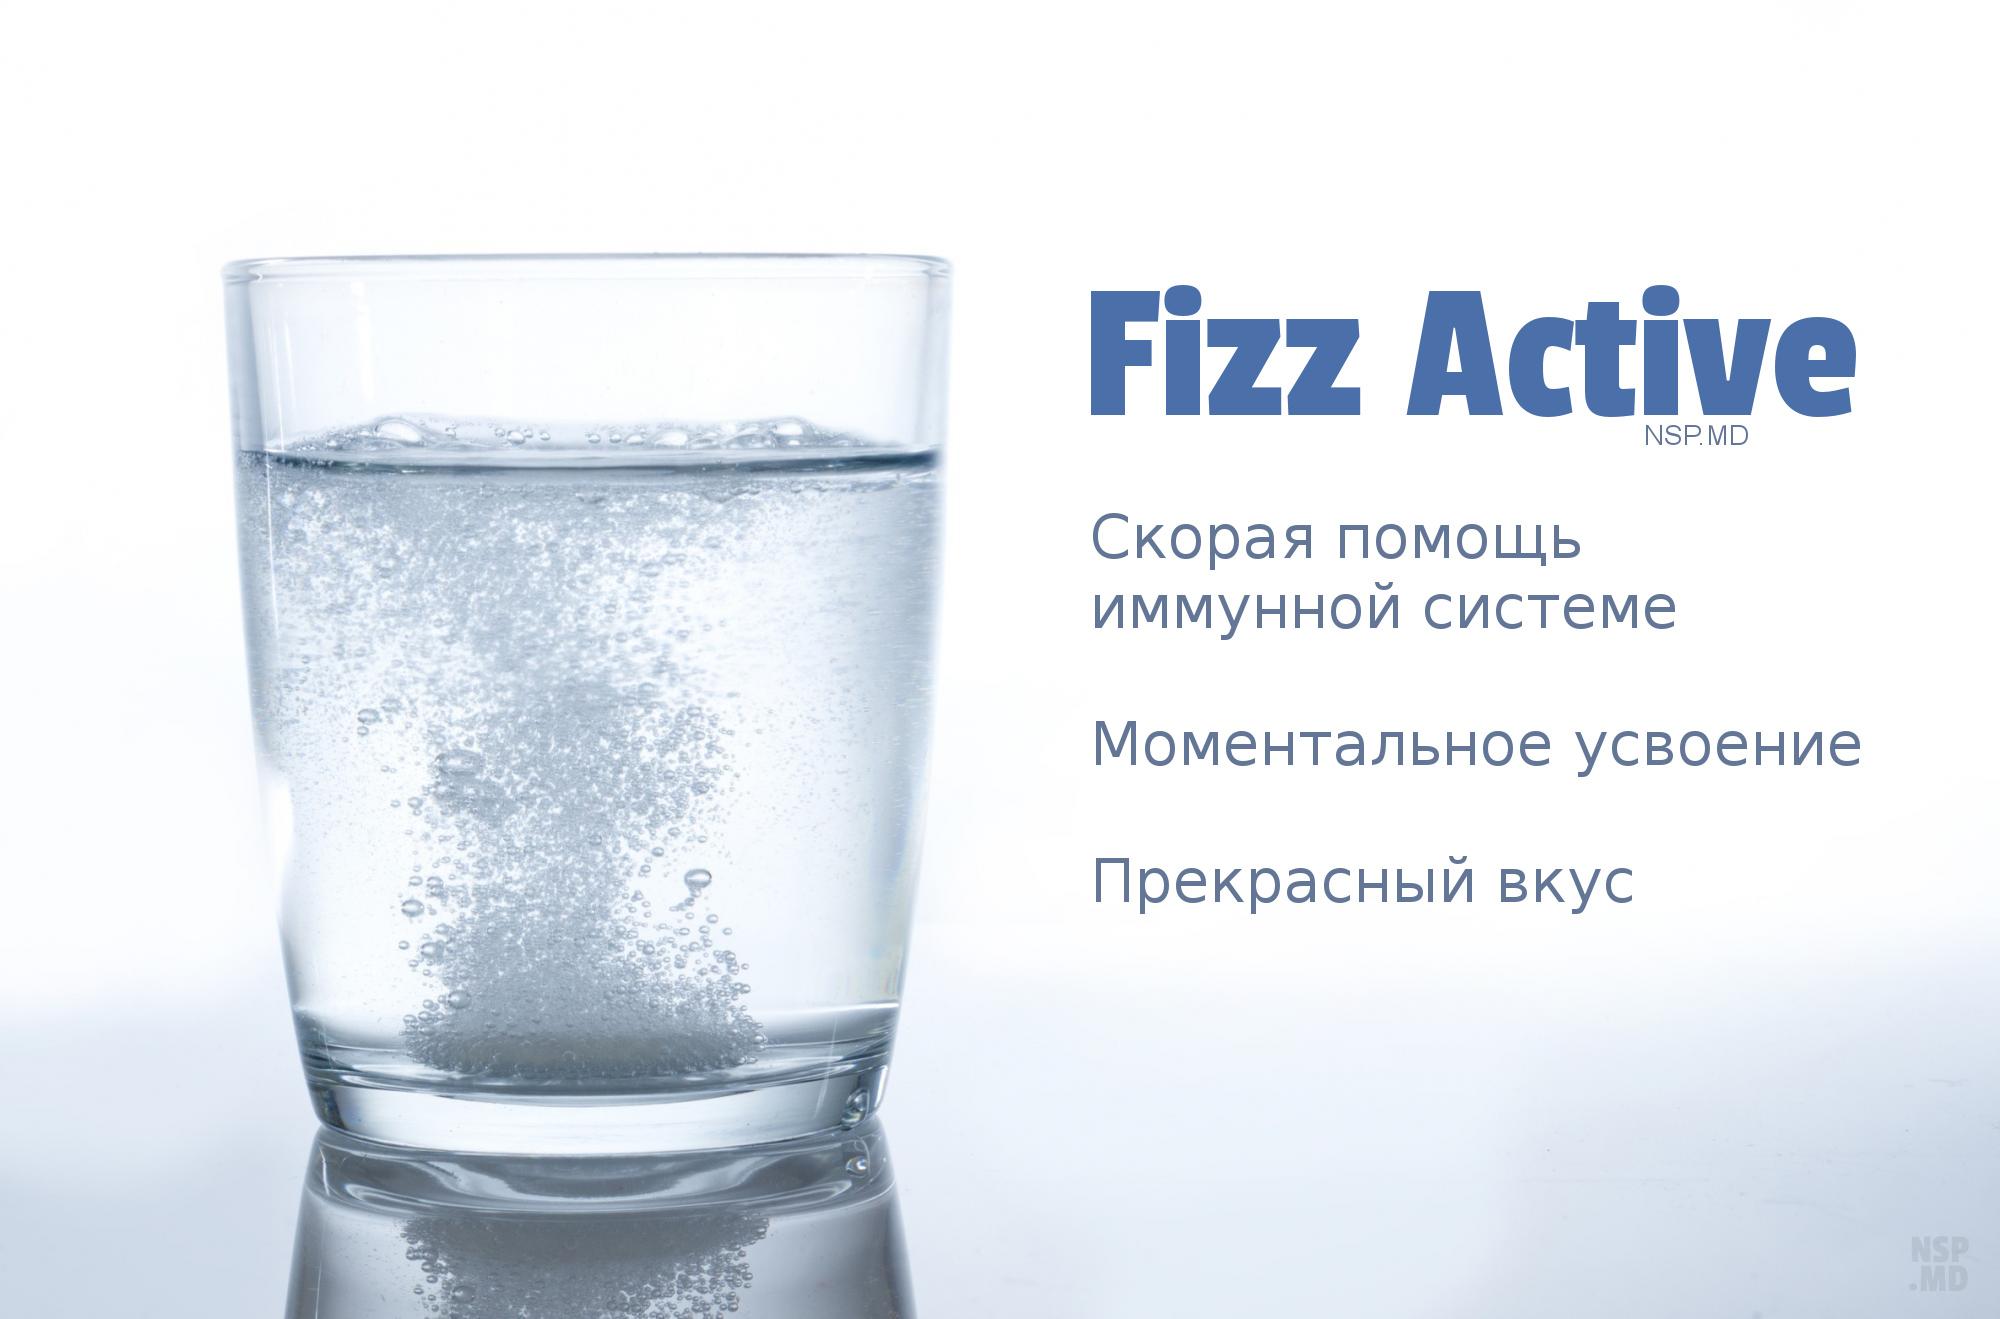 Физ Актив